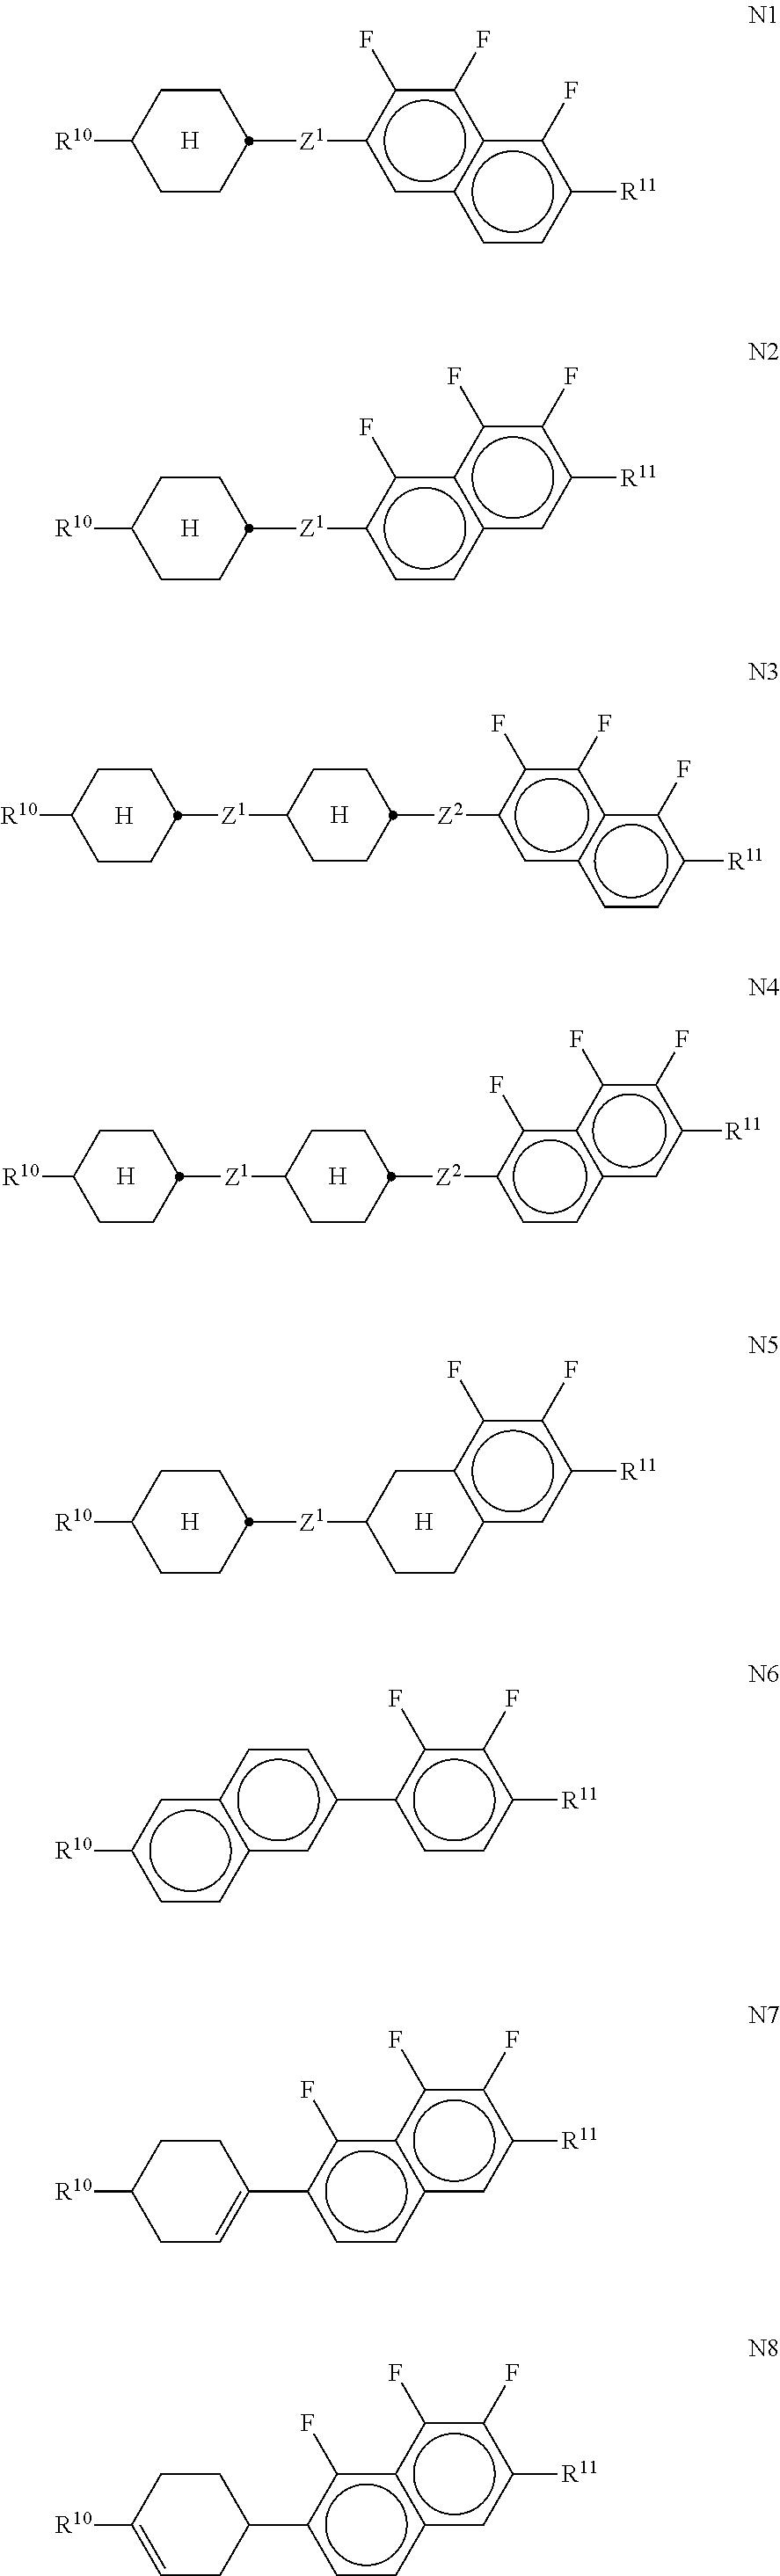 Figure US20110051049A1-20110303-C00049